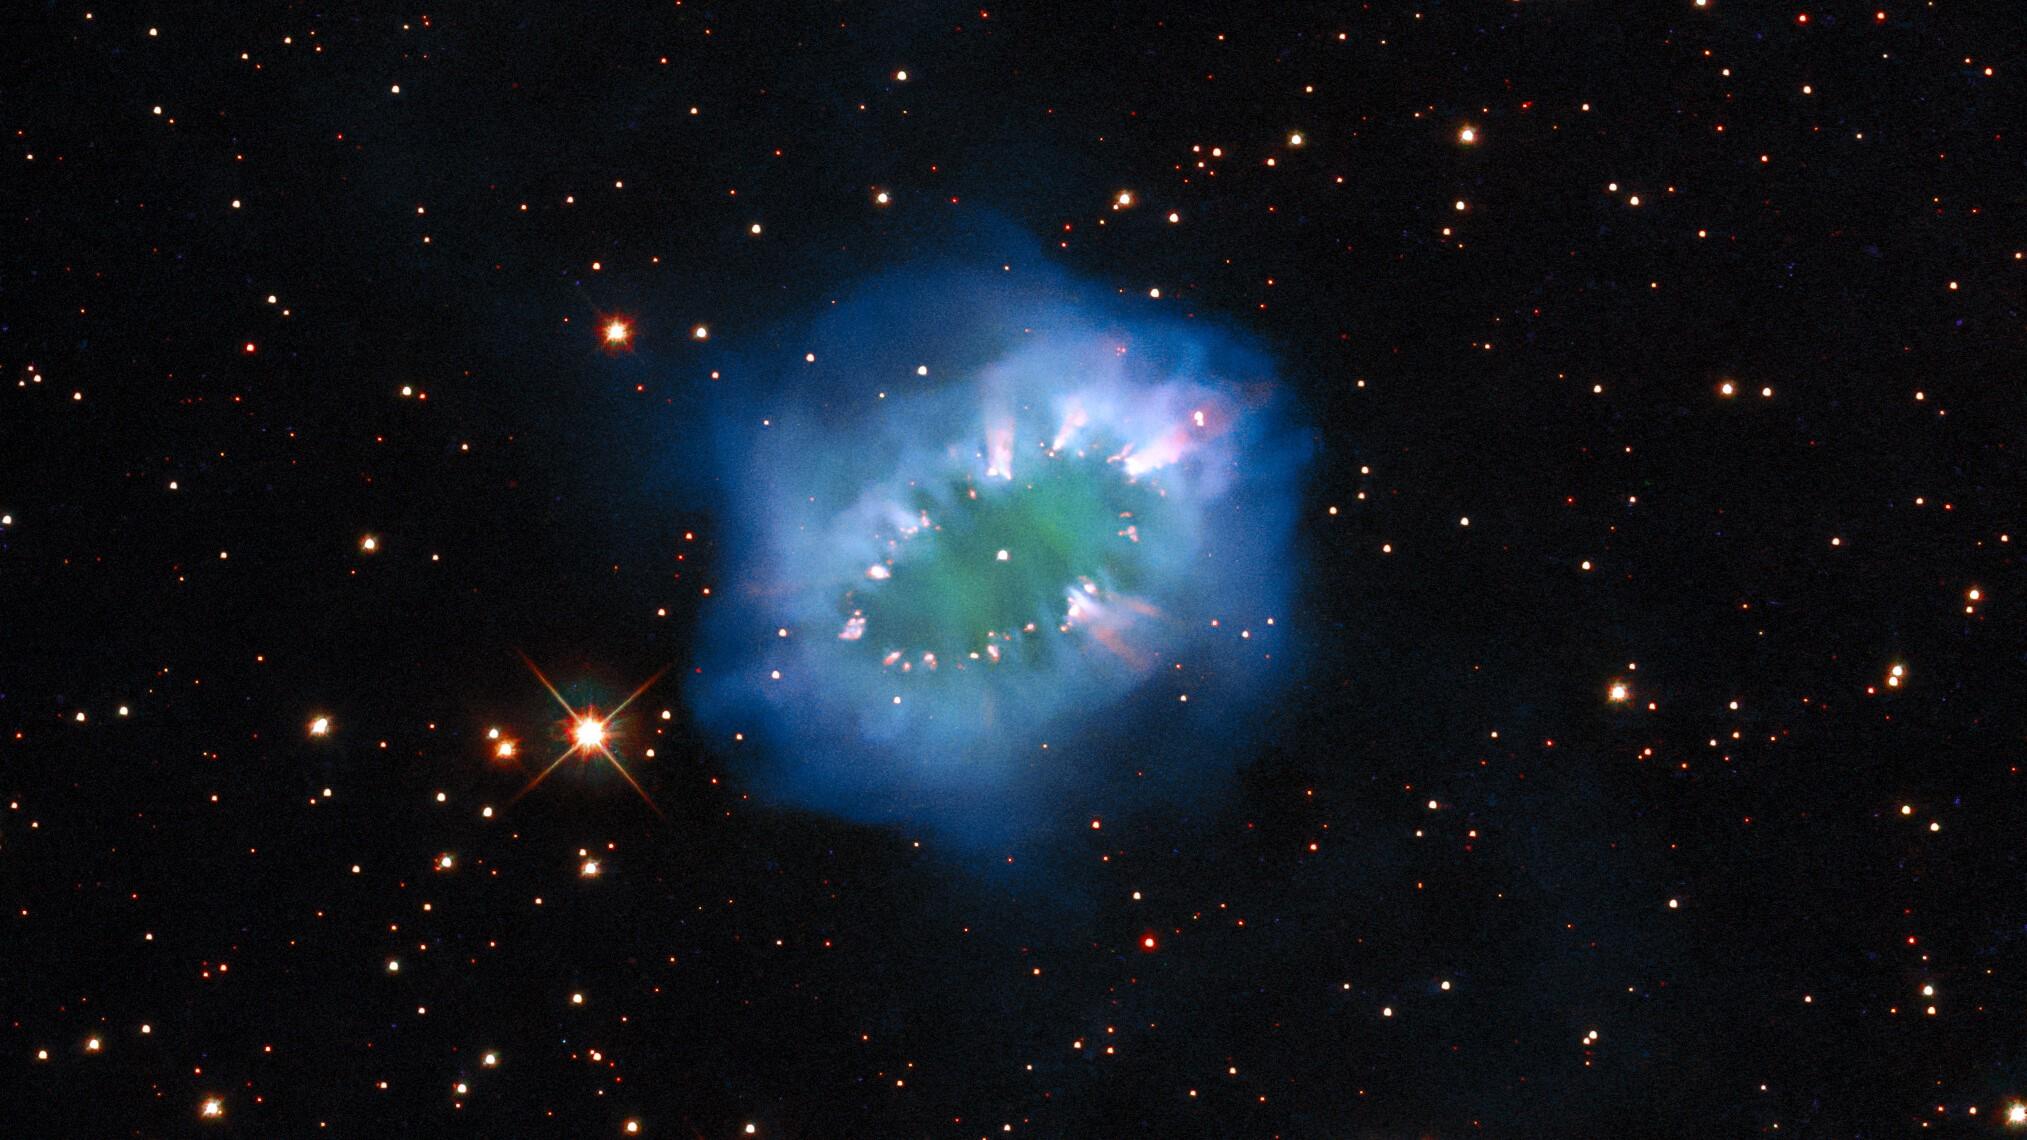 Forrás: ESA/Hubble & NASA, K. Noll